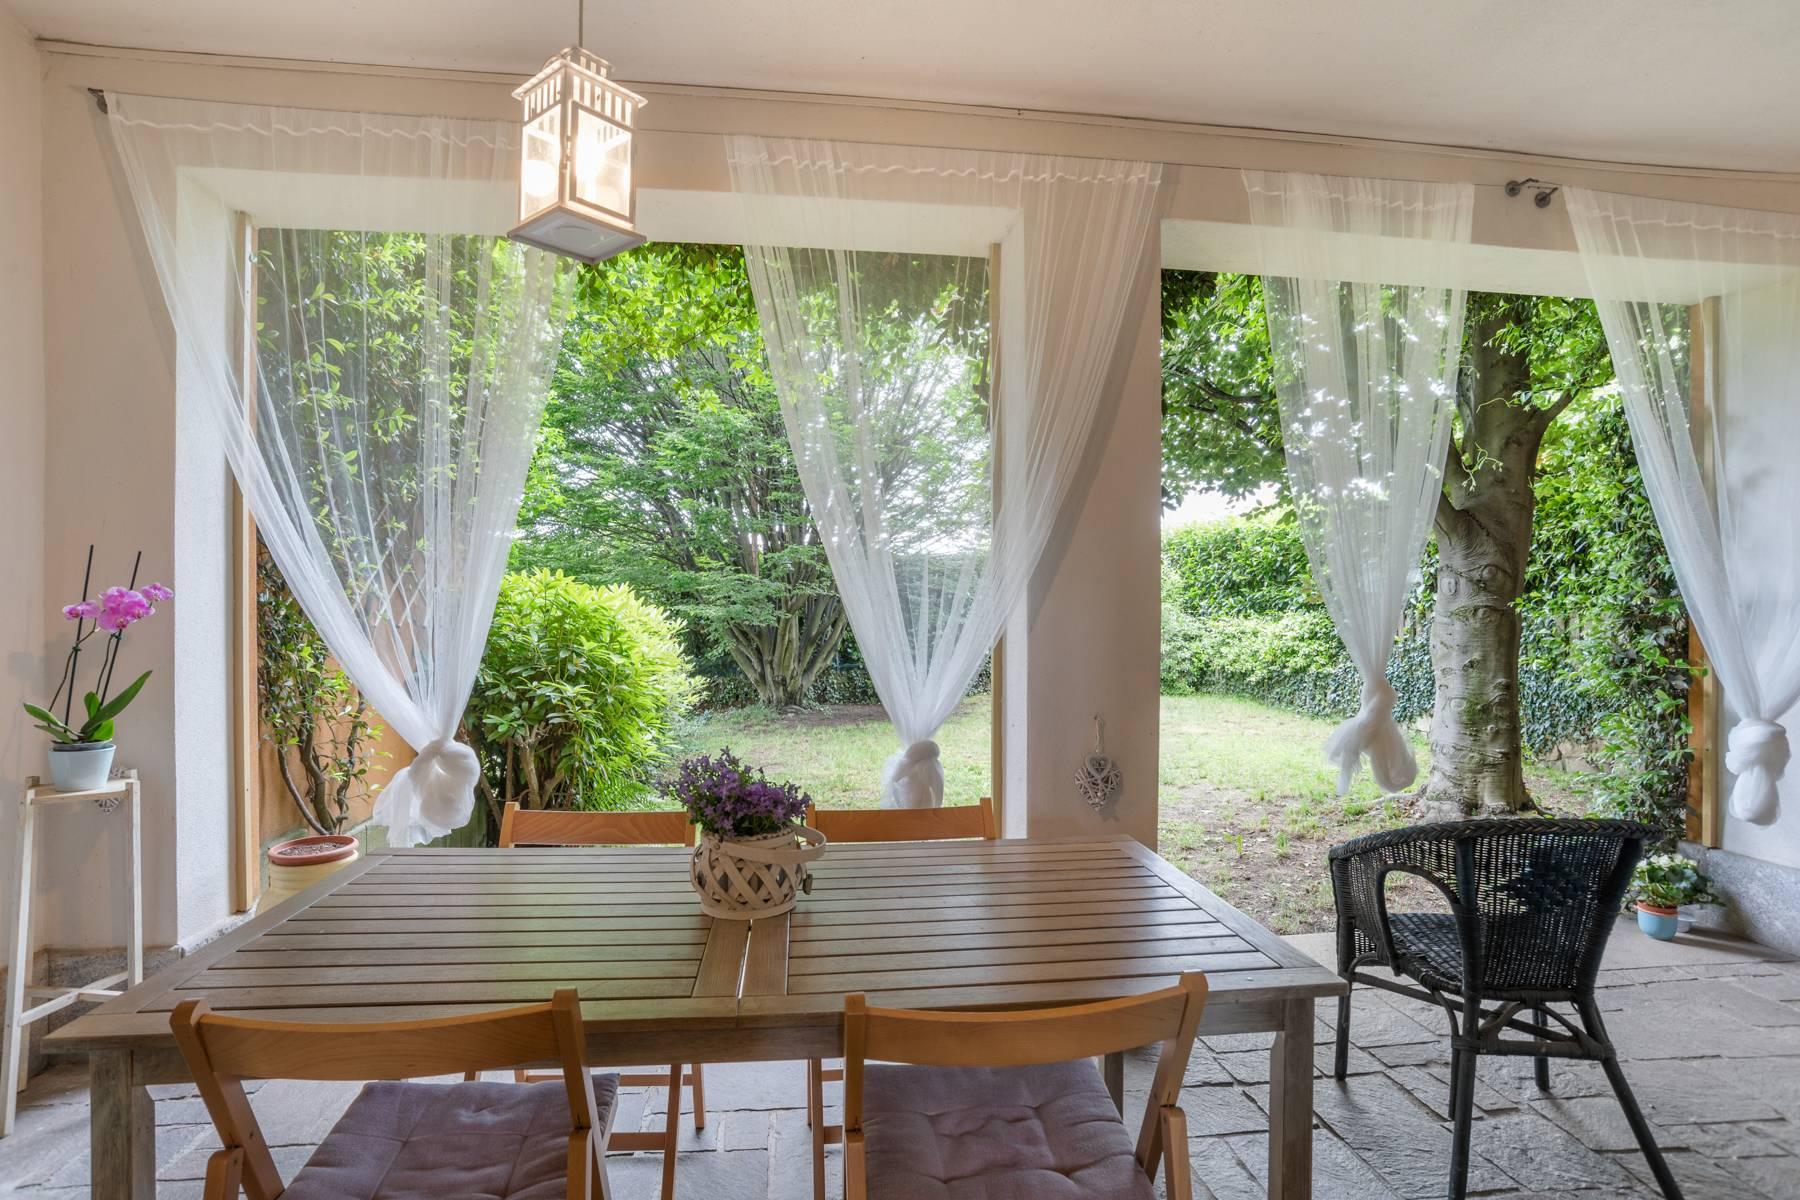 Villa in Vendita a Agrate Conturbia: 5 locali, 239 mq - Foto 2